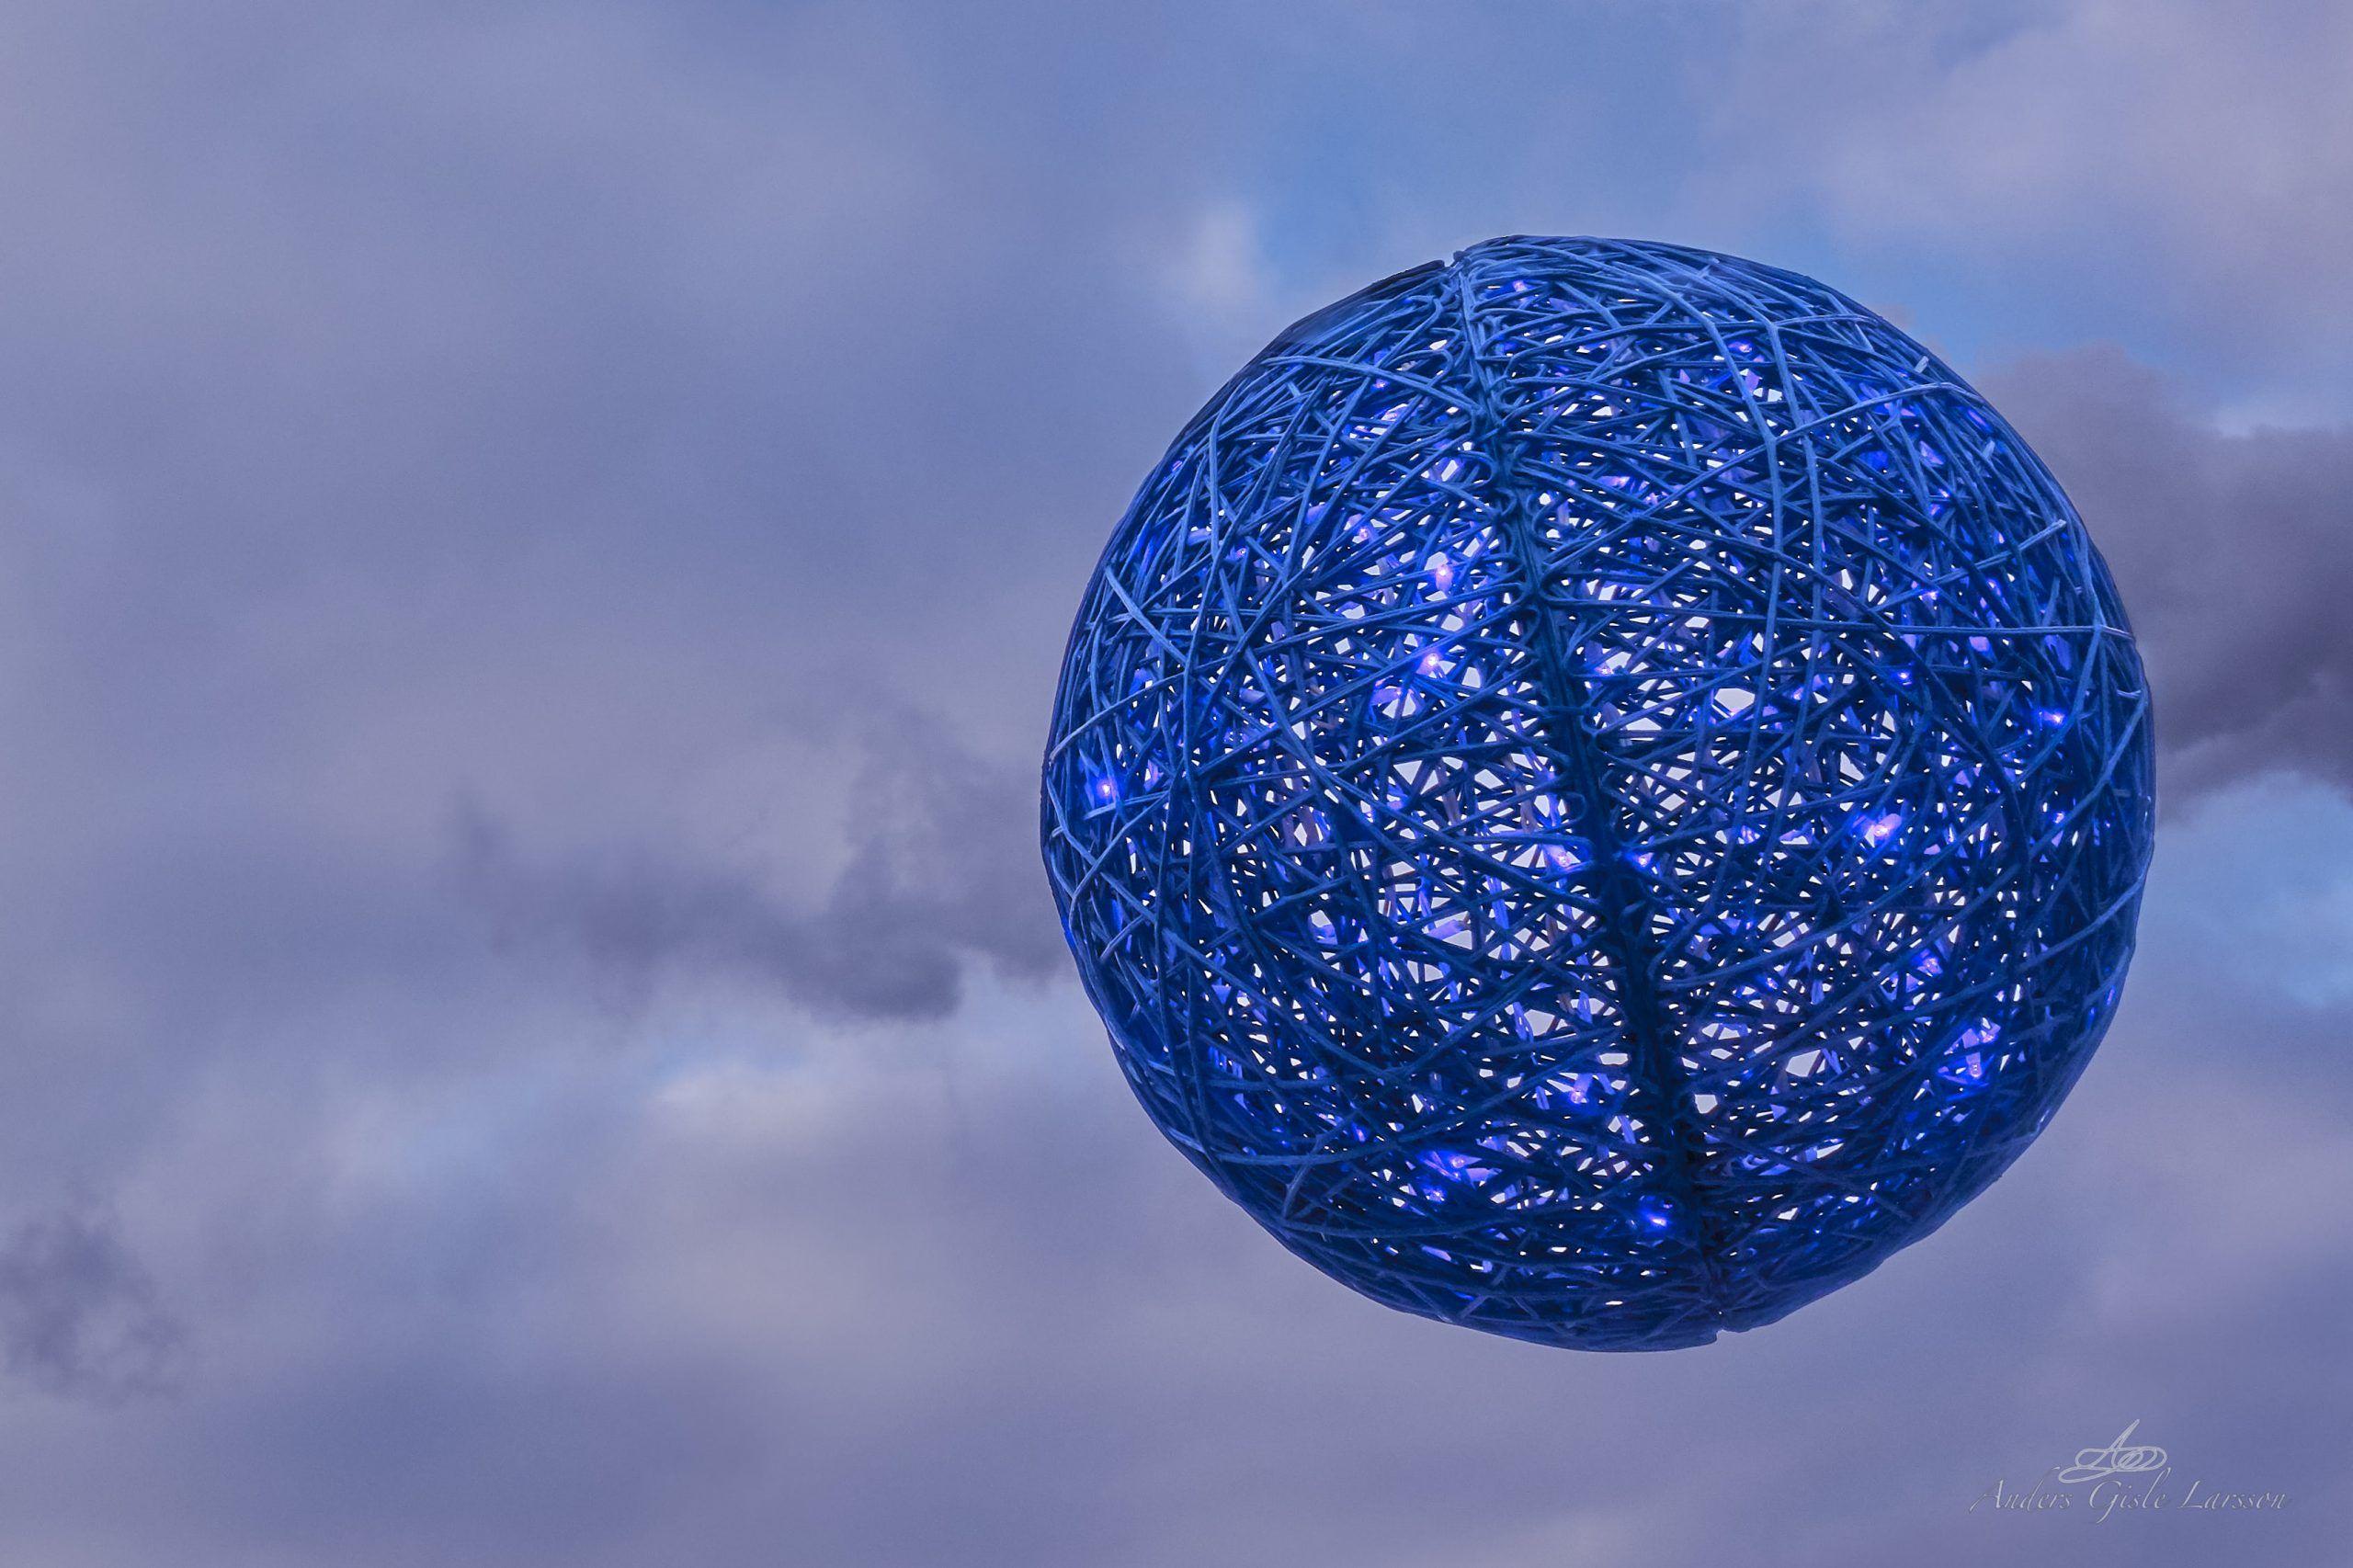 Blå Planet, Alt er tilladt, Uge 6, 36/365, Juleudsmykning Østervold, Randers